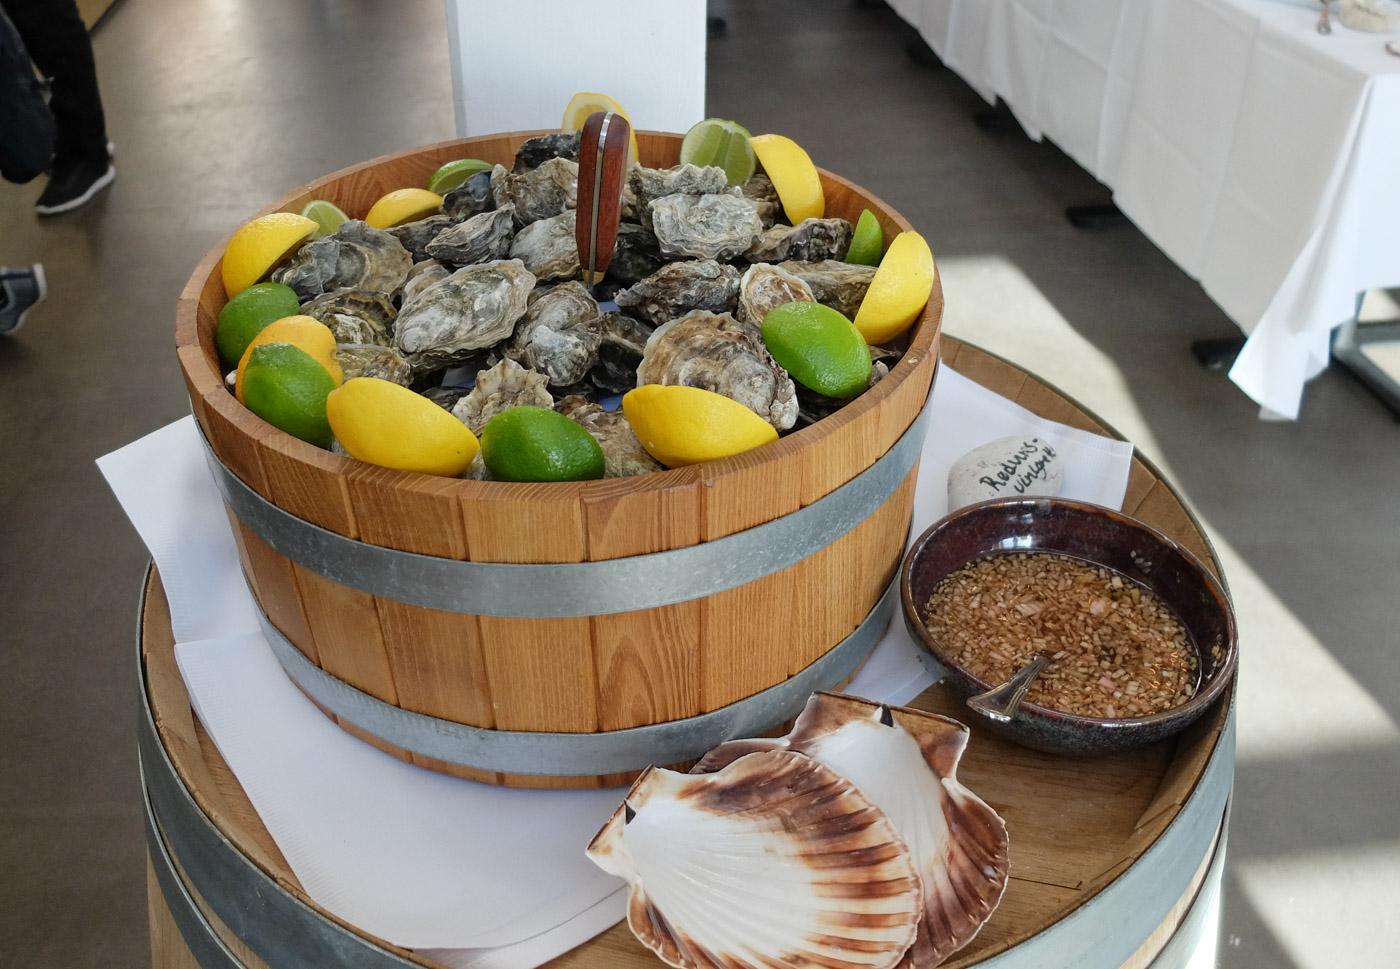 Skaldyrsfestival på Badehotellet: Mekka for fisk og skaldyr er flyttet til Kaløvig